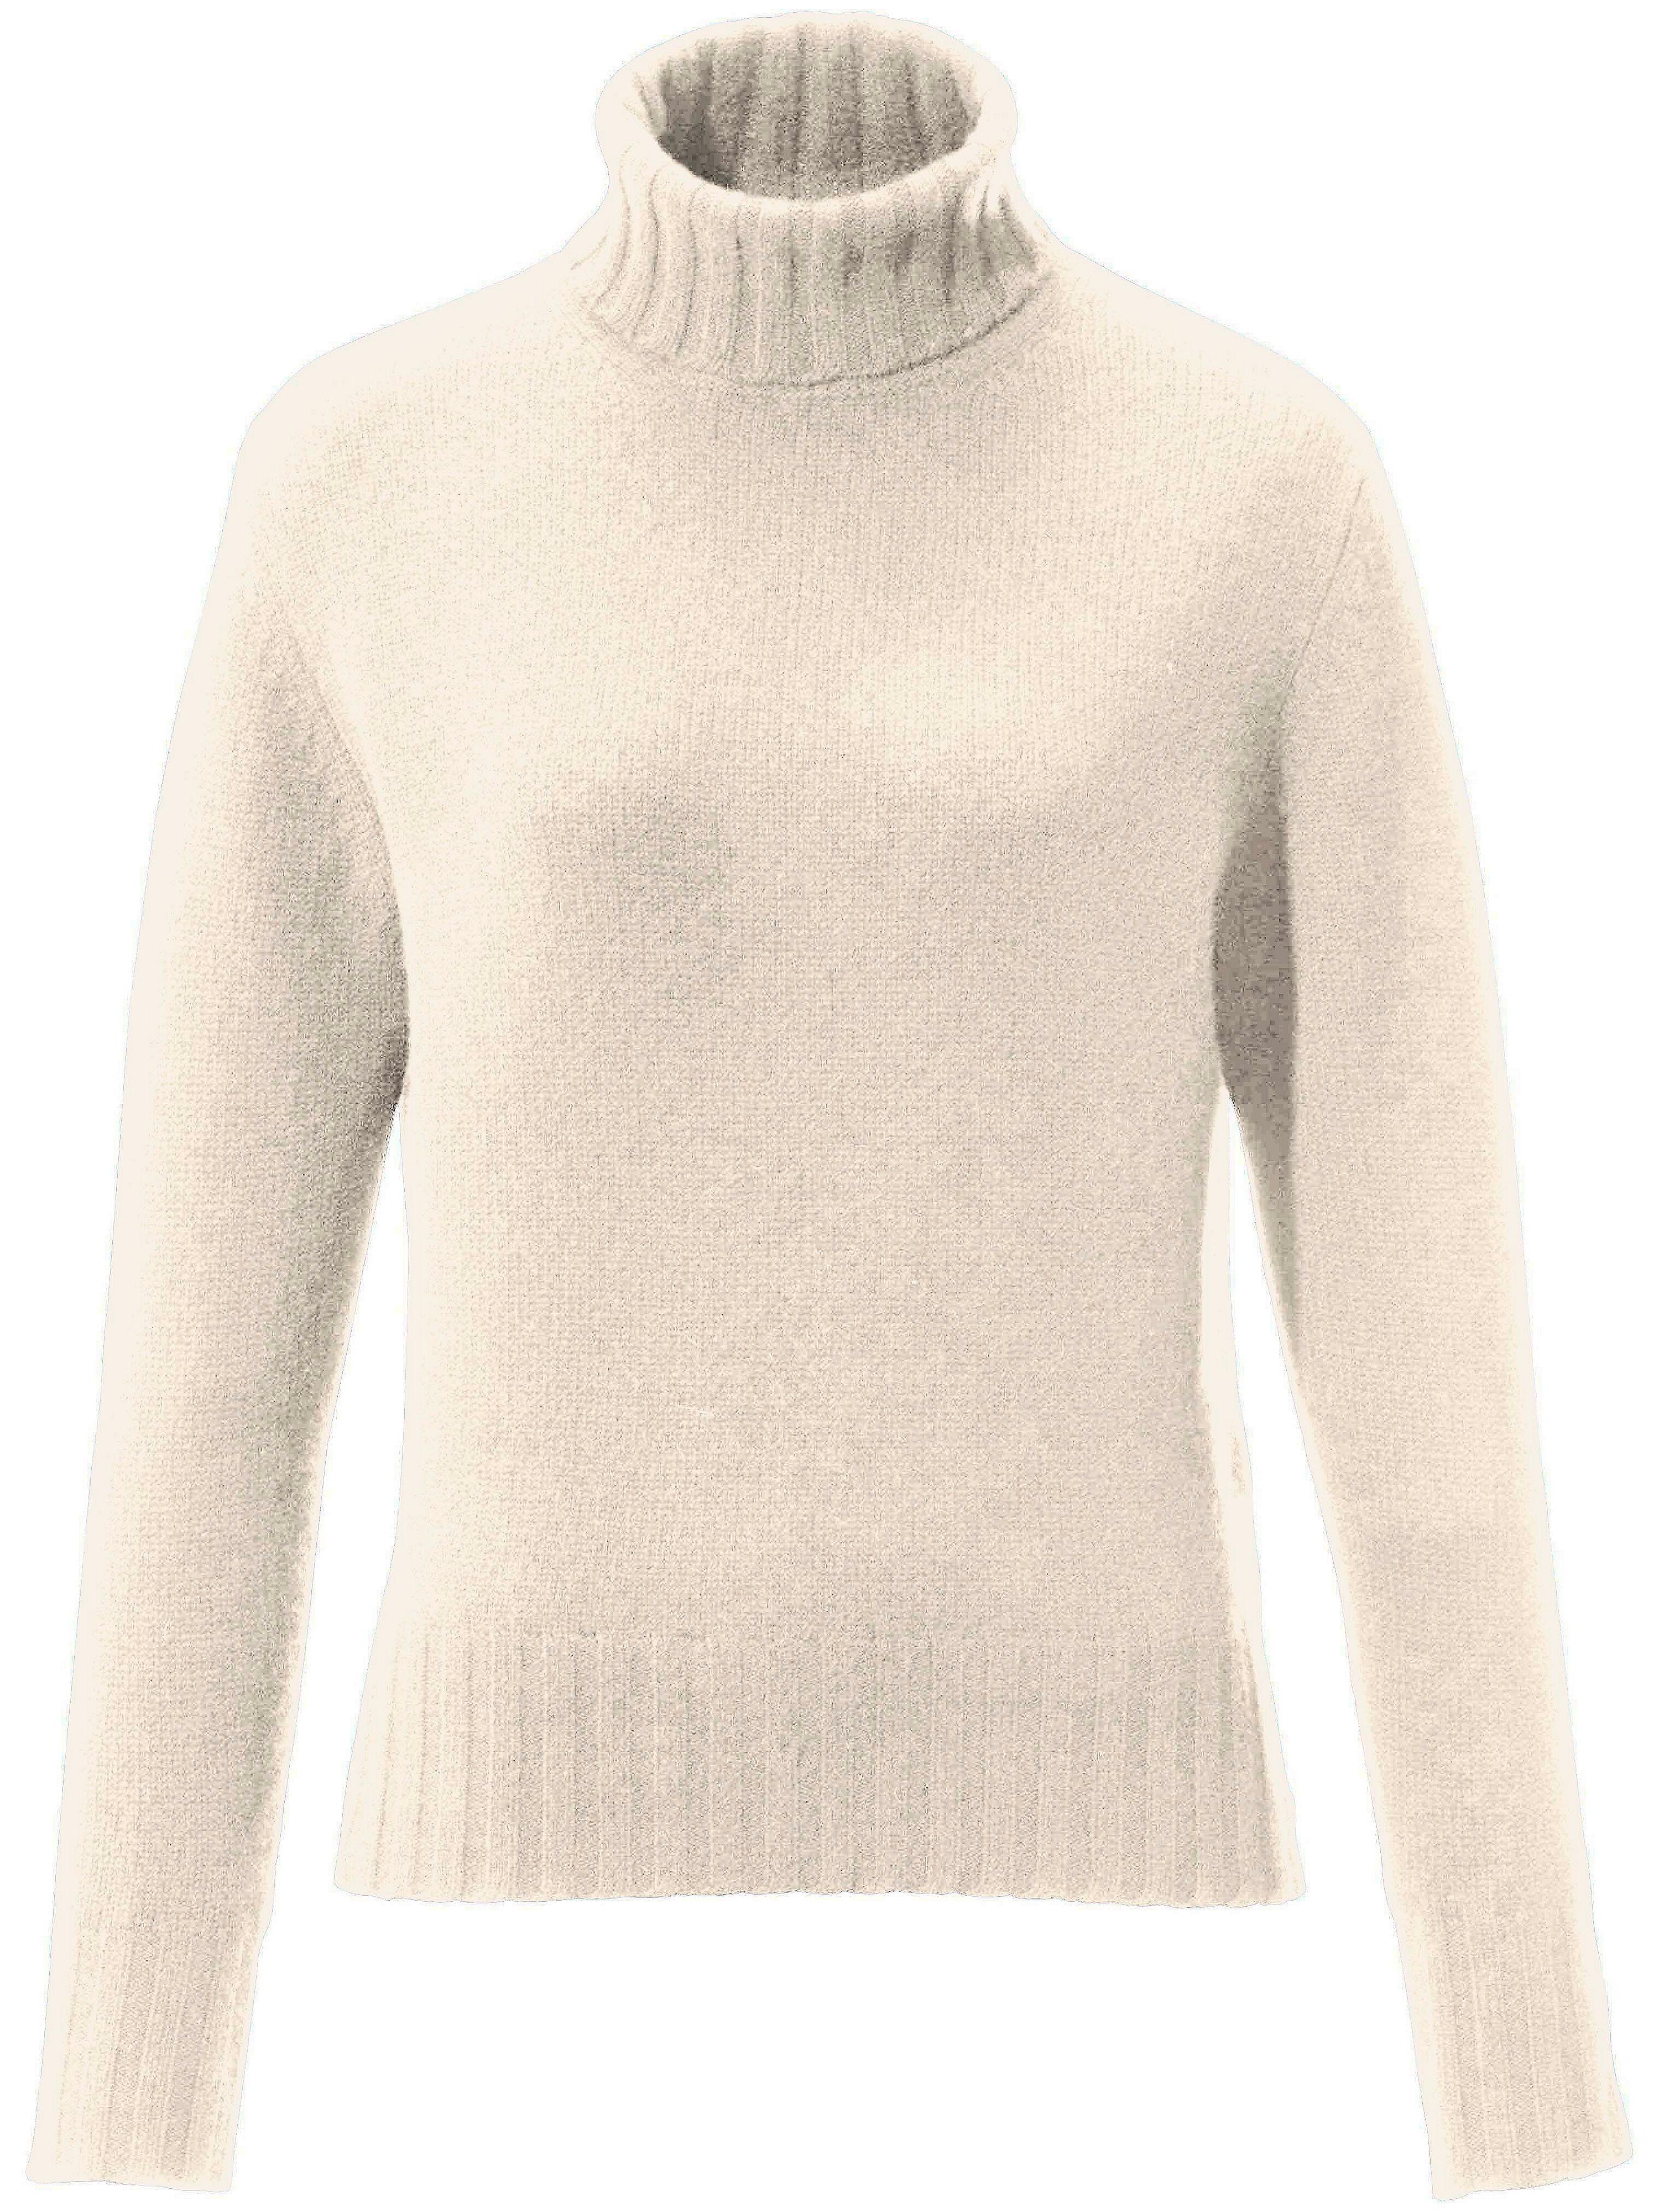 Le pull col roulé 100% cachemire modèle Bernadette  Peter Hahn Cashmere blanc taille 46